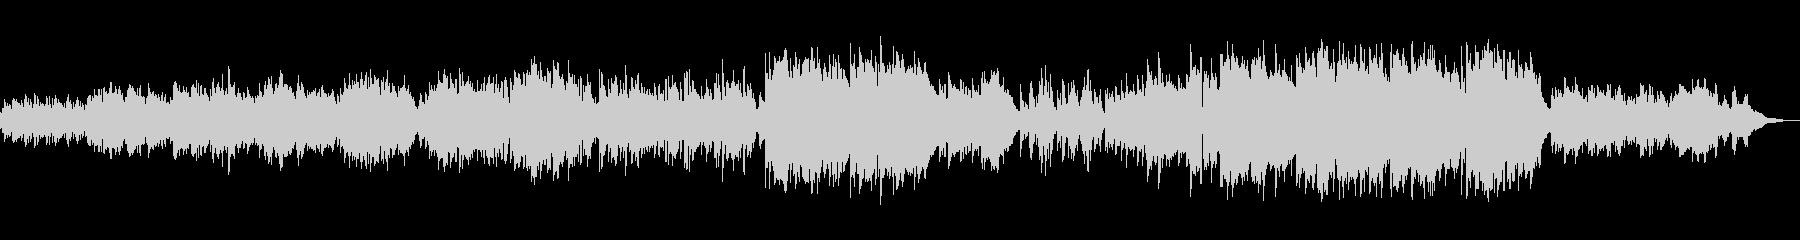 【生演奏フルート】とピアノによるアレンジの未再生の波形